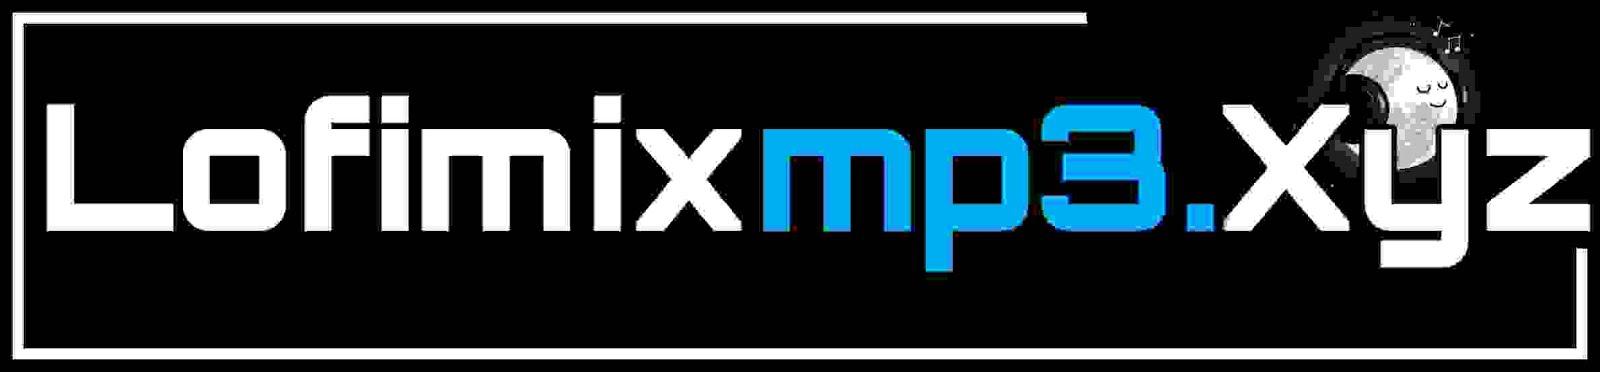 Lofi Mix Mp3 Song Download [ Hindi and English Songs ] Lofi Hip Hop